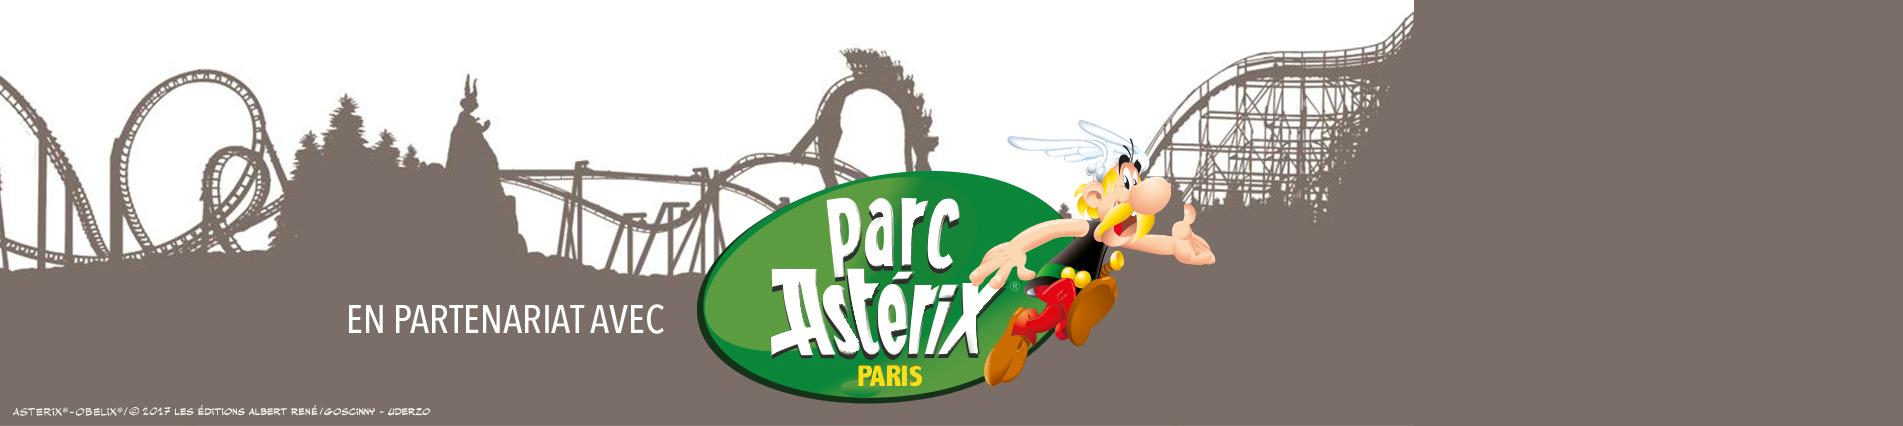 CARGLASS s'installe au parc Astérix